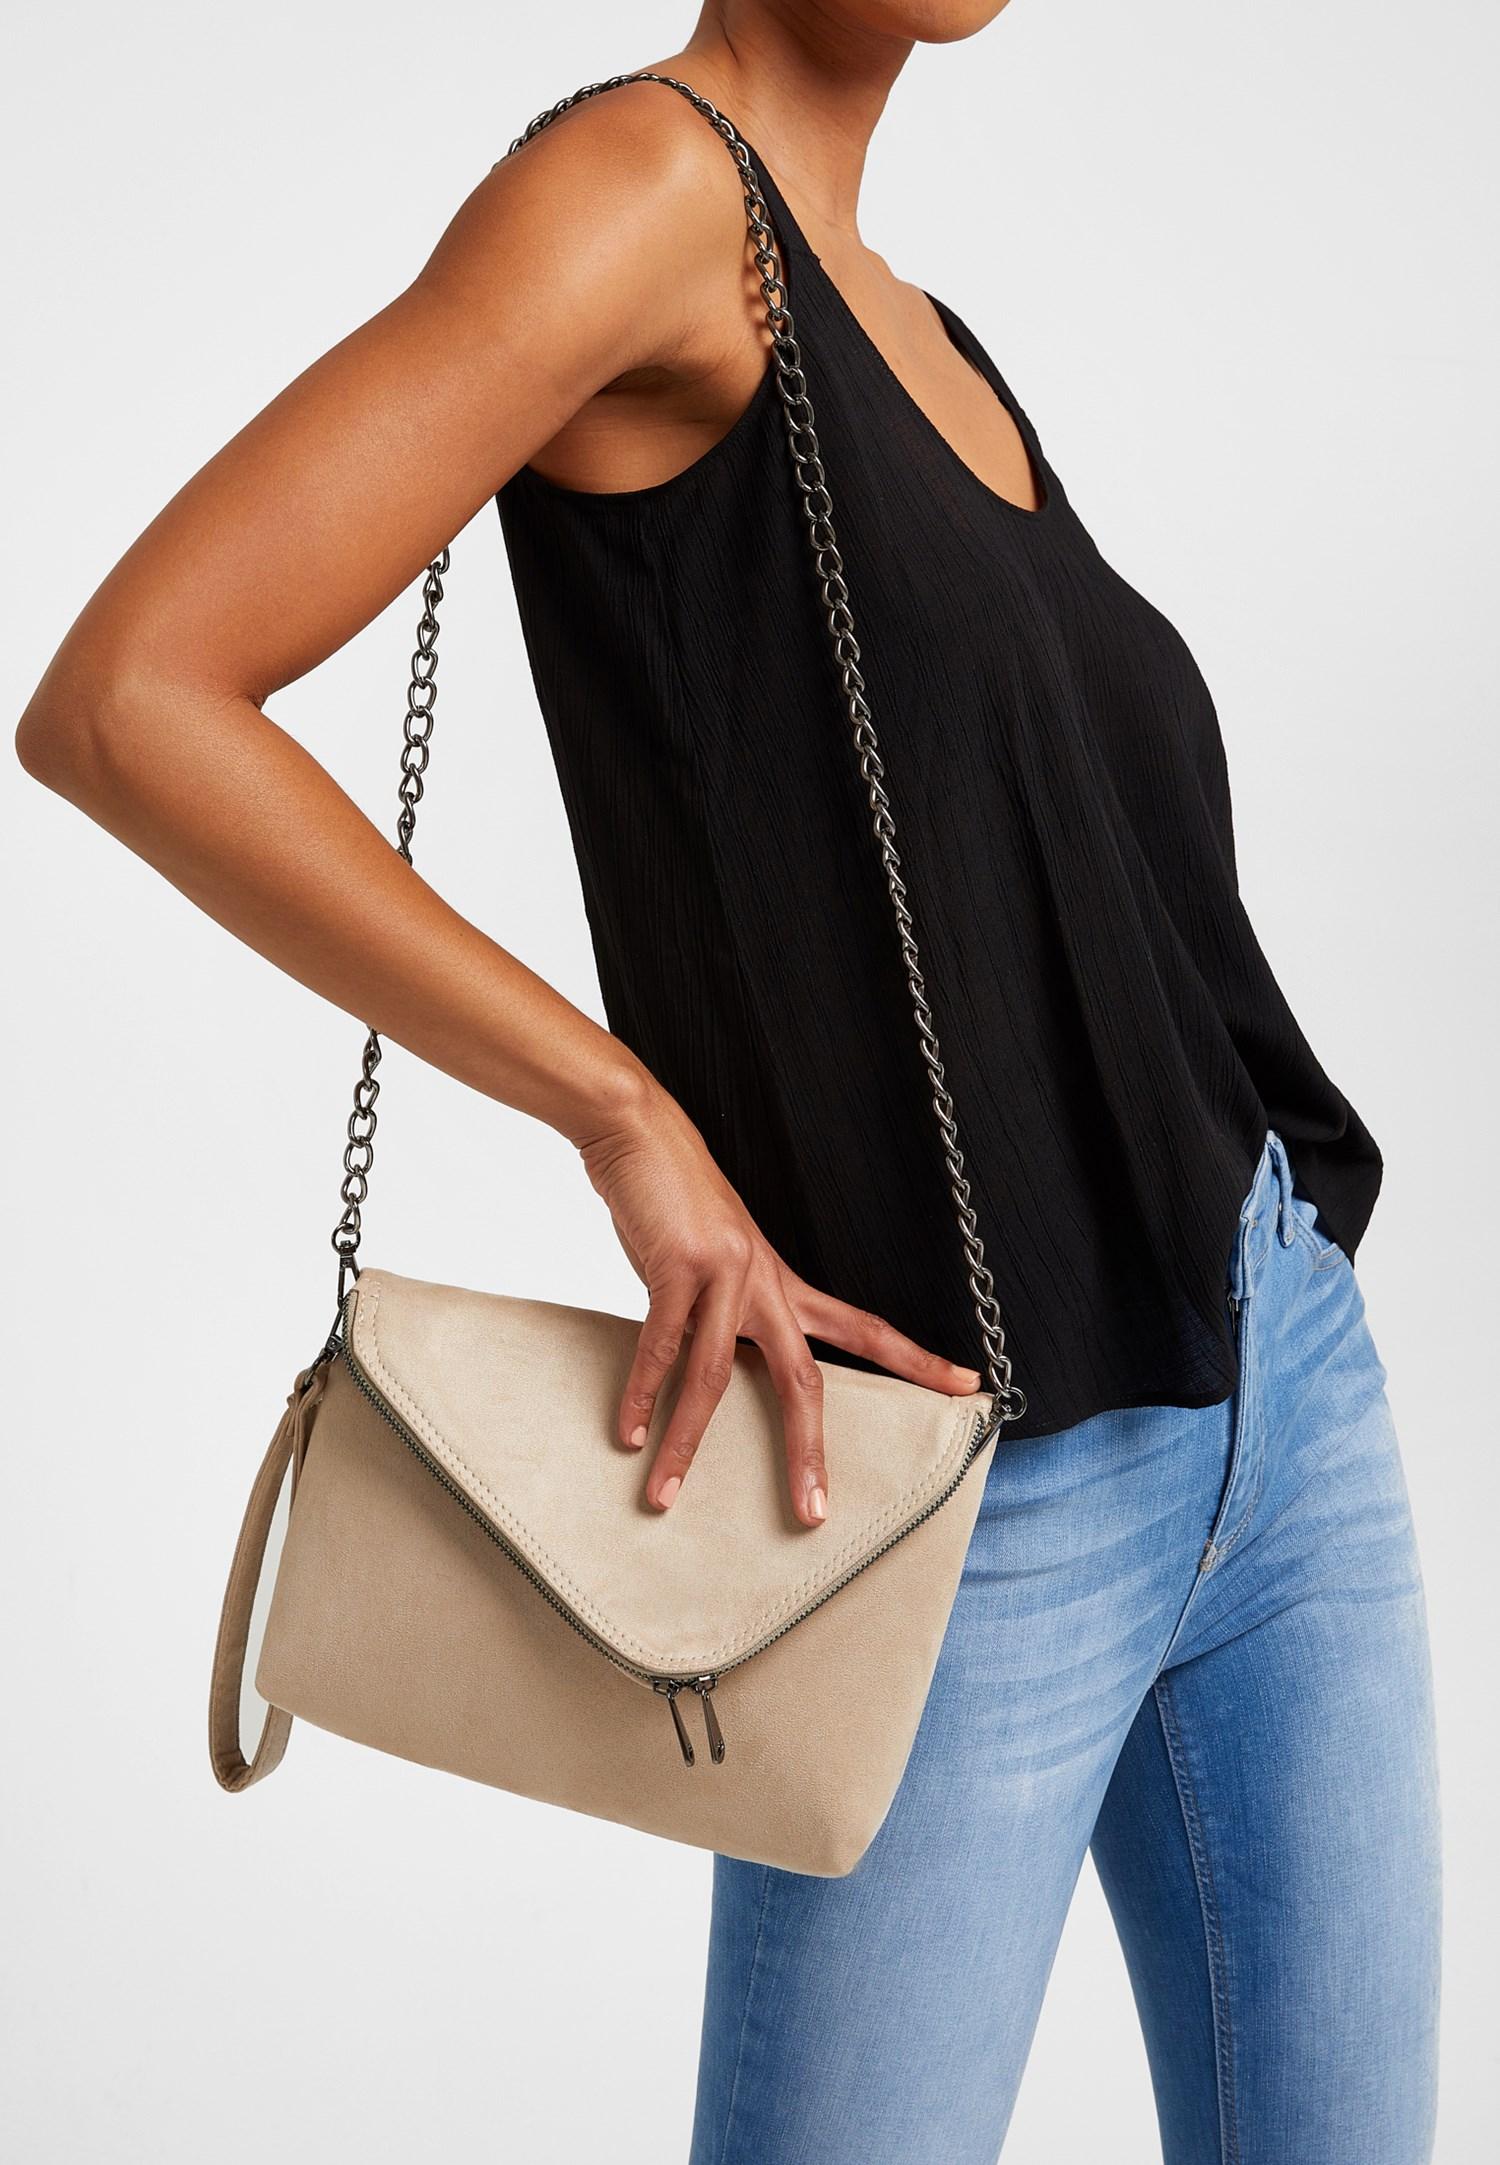 Bayan Krem Fermuar Detaylı Askılı Çanta